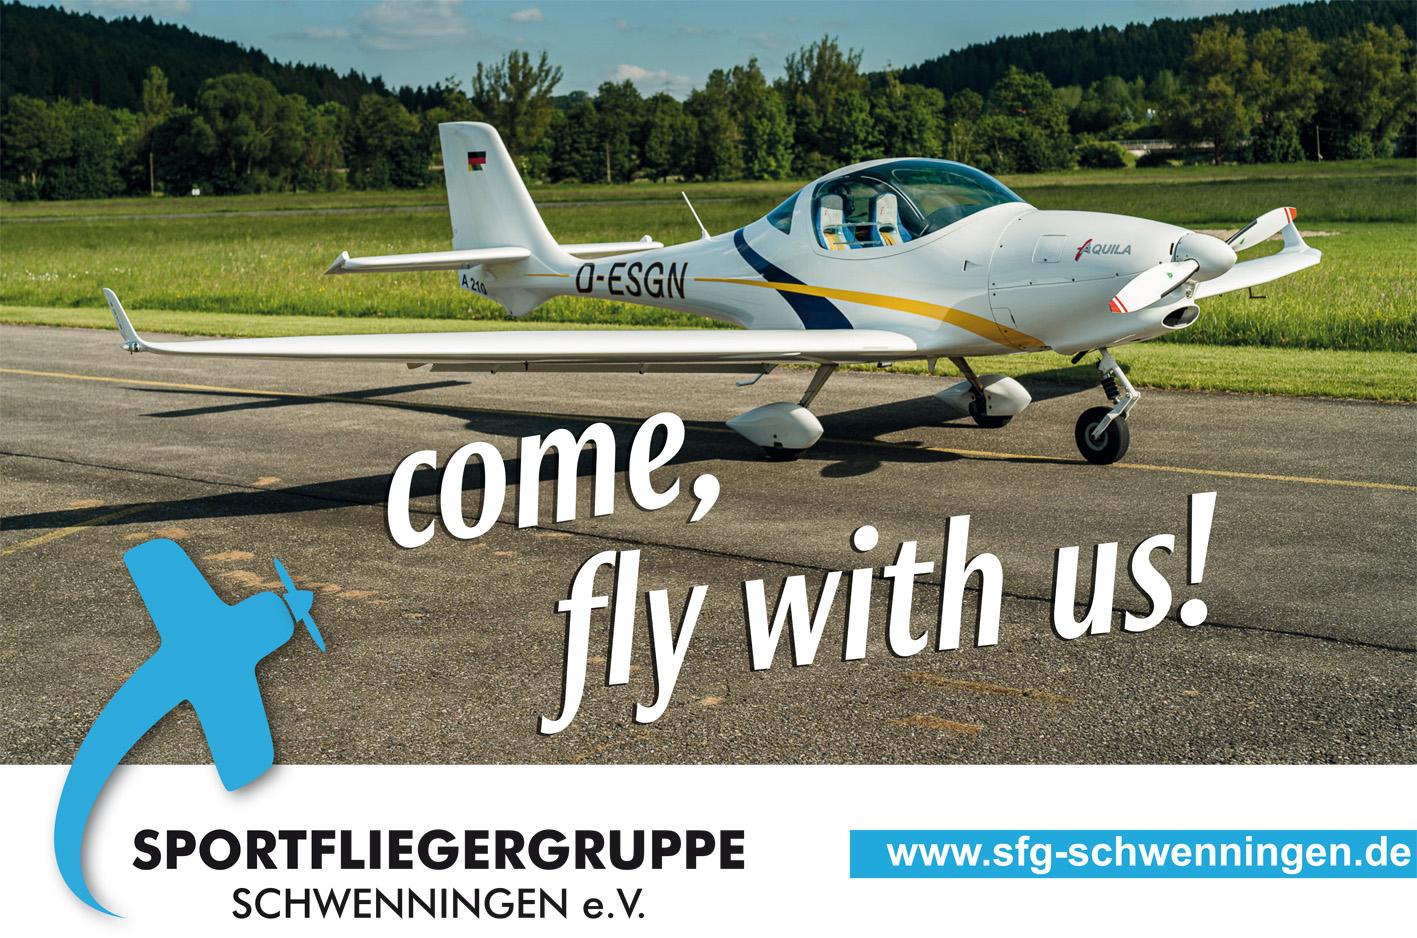 Flugplatzfest am 08.09.2019 in VS-Schwenningen